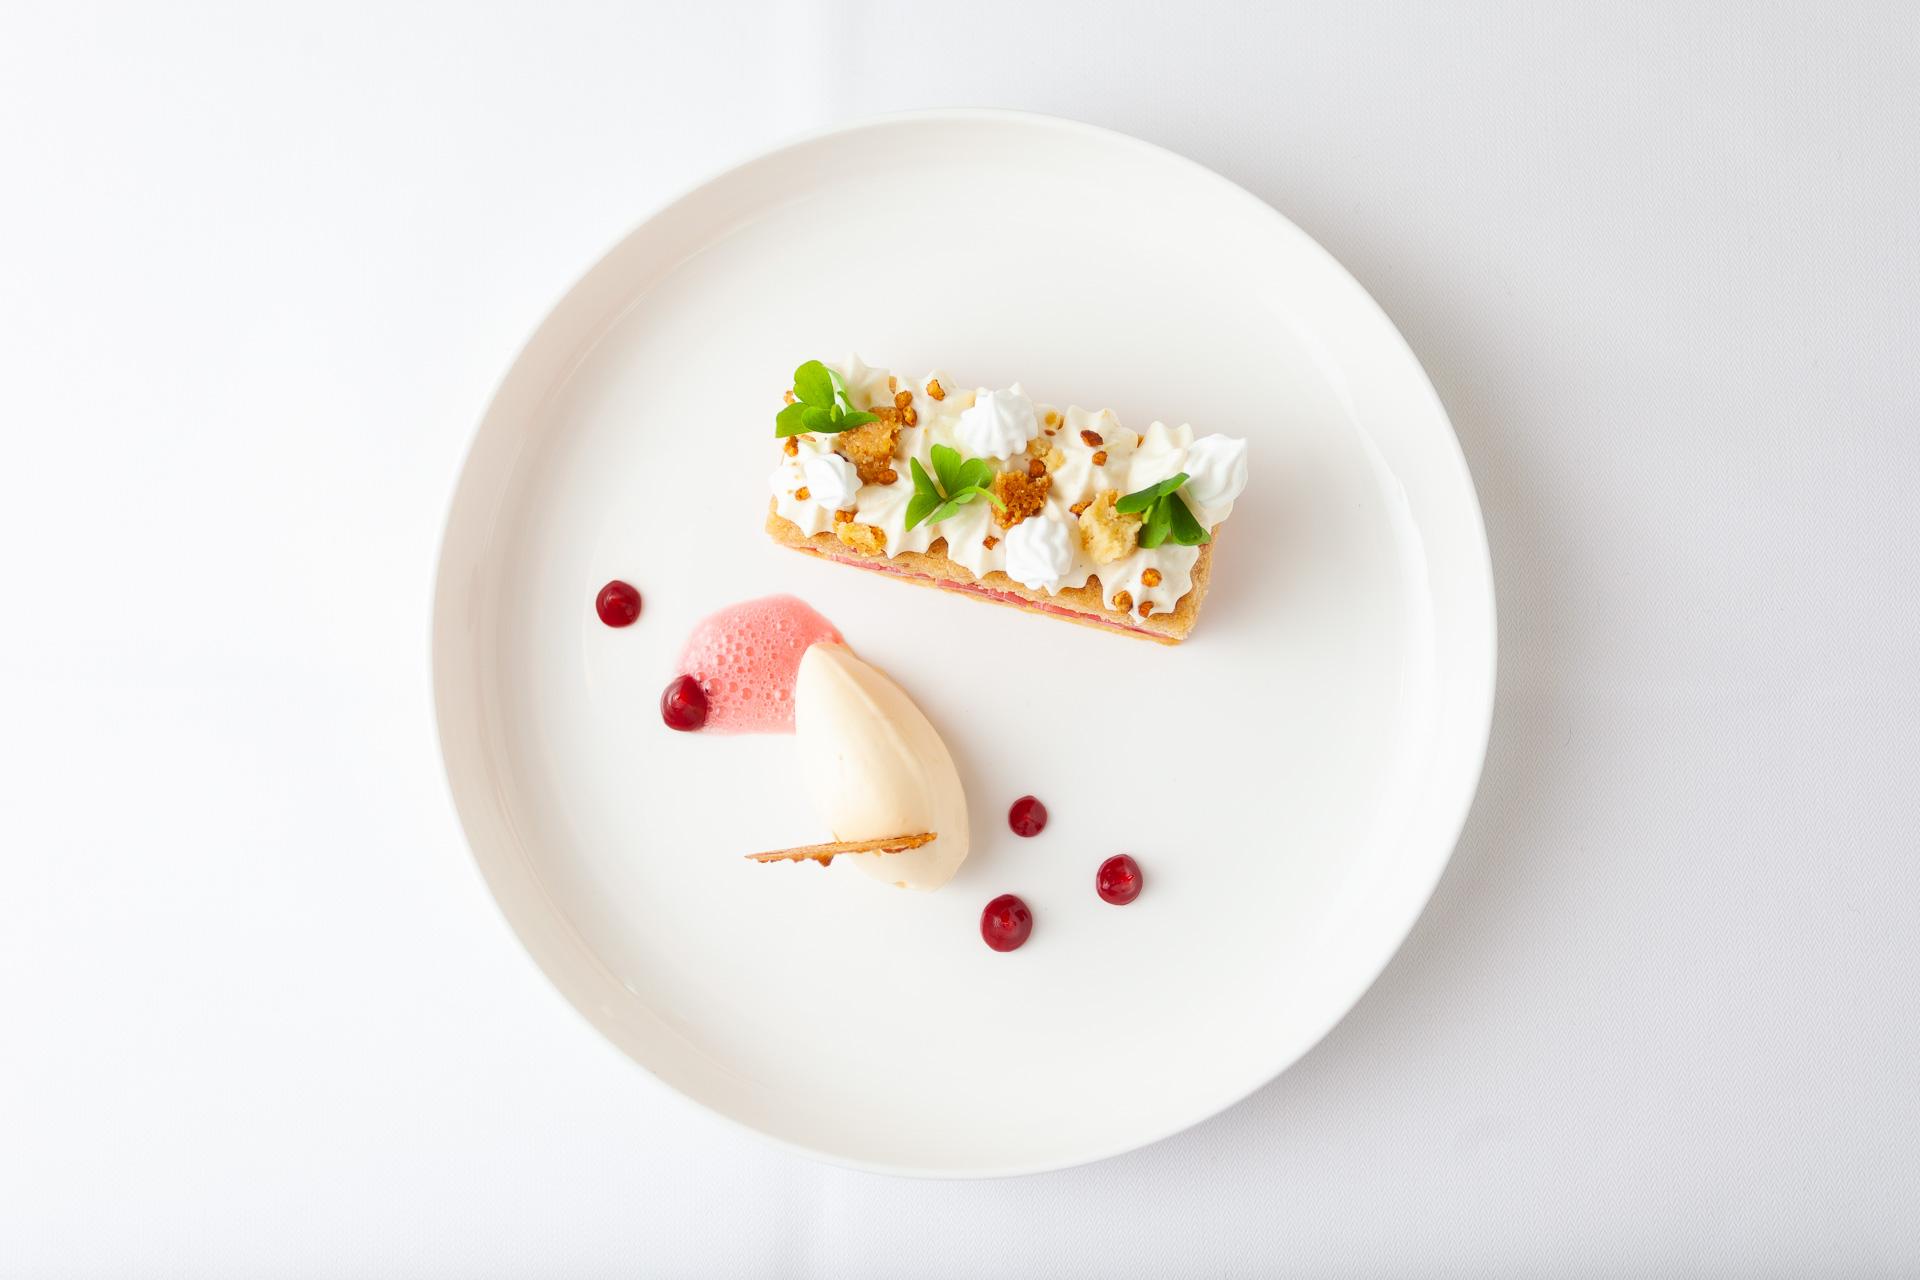 storchen_food-2533